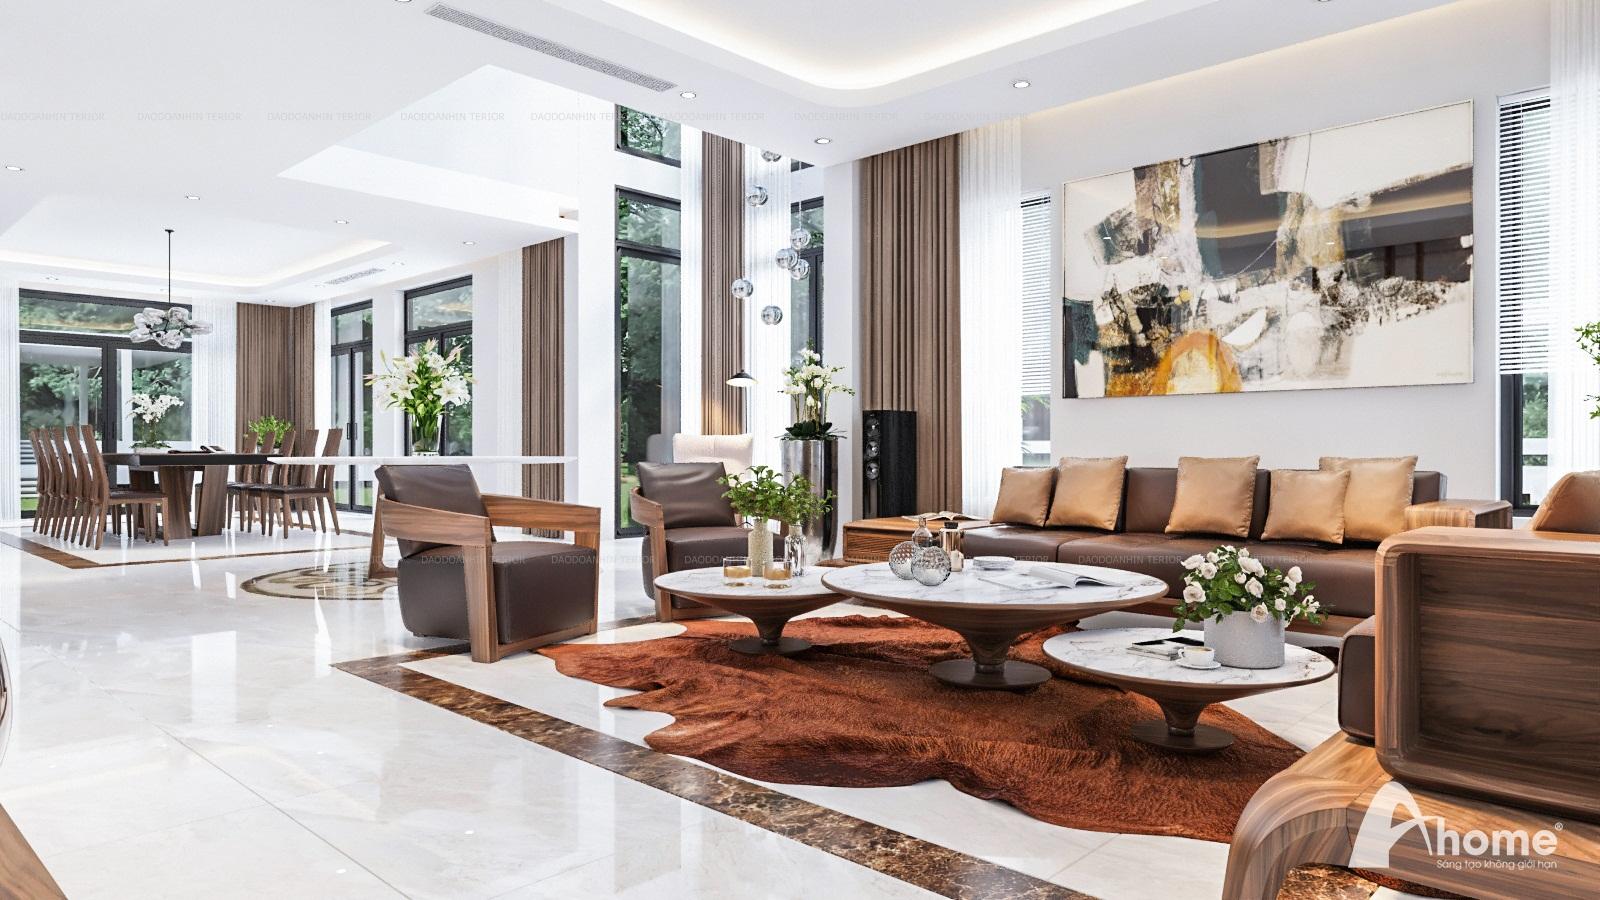 Giới thiệu về thiết kế nội thất biệt thự phong cách hiện đại